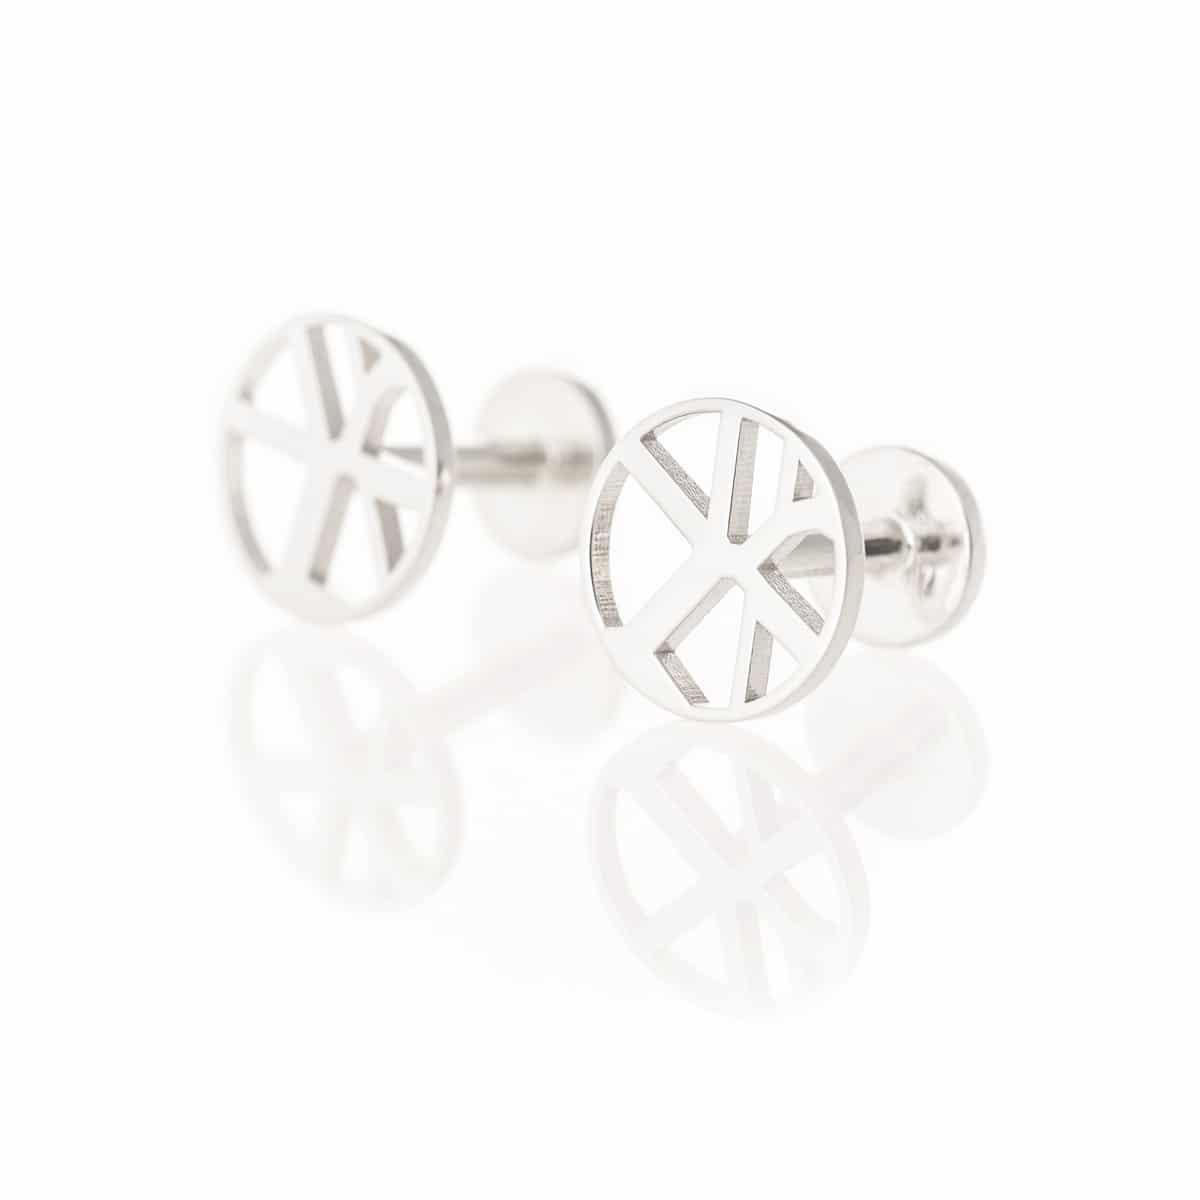 10-Vornoi-cufflinks-silver-1200px